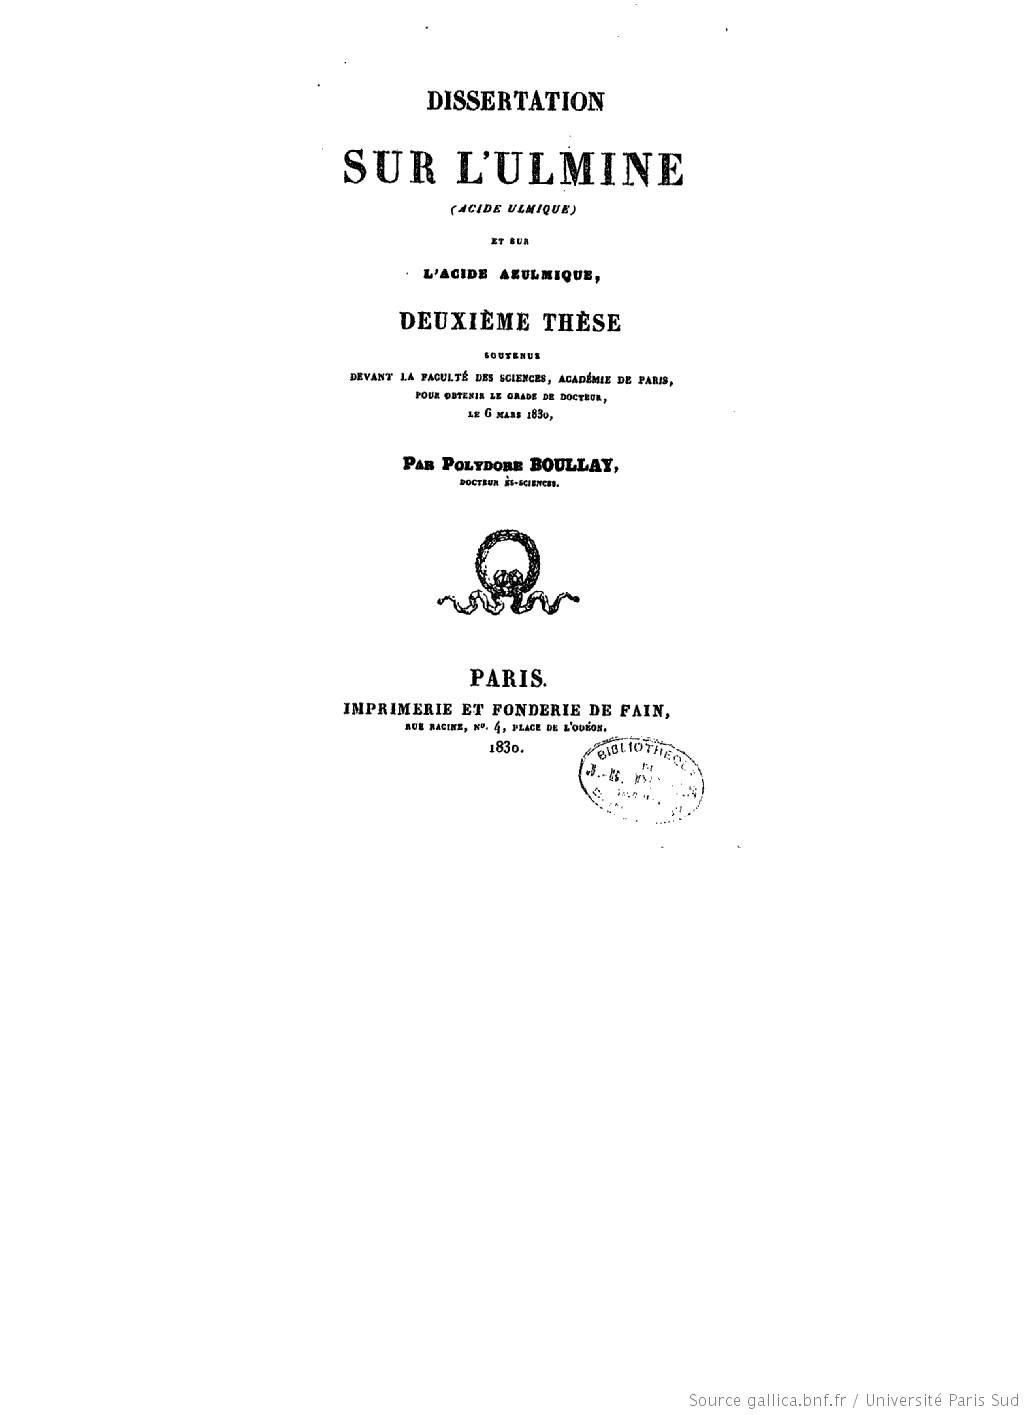 Dissertation sur l'ulmine (acide ulmique) et sur l'acide azulmique , deuxième thèse soutenue devant la Faculté des sciences, Académie de Paris, pour obtenir le grade de docteur, le 6 mars 1830